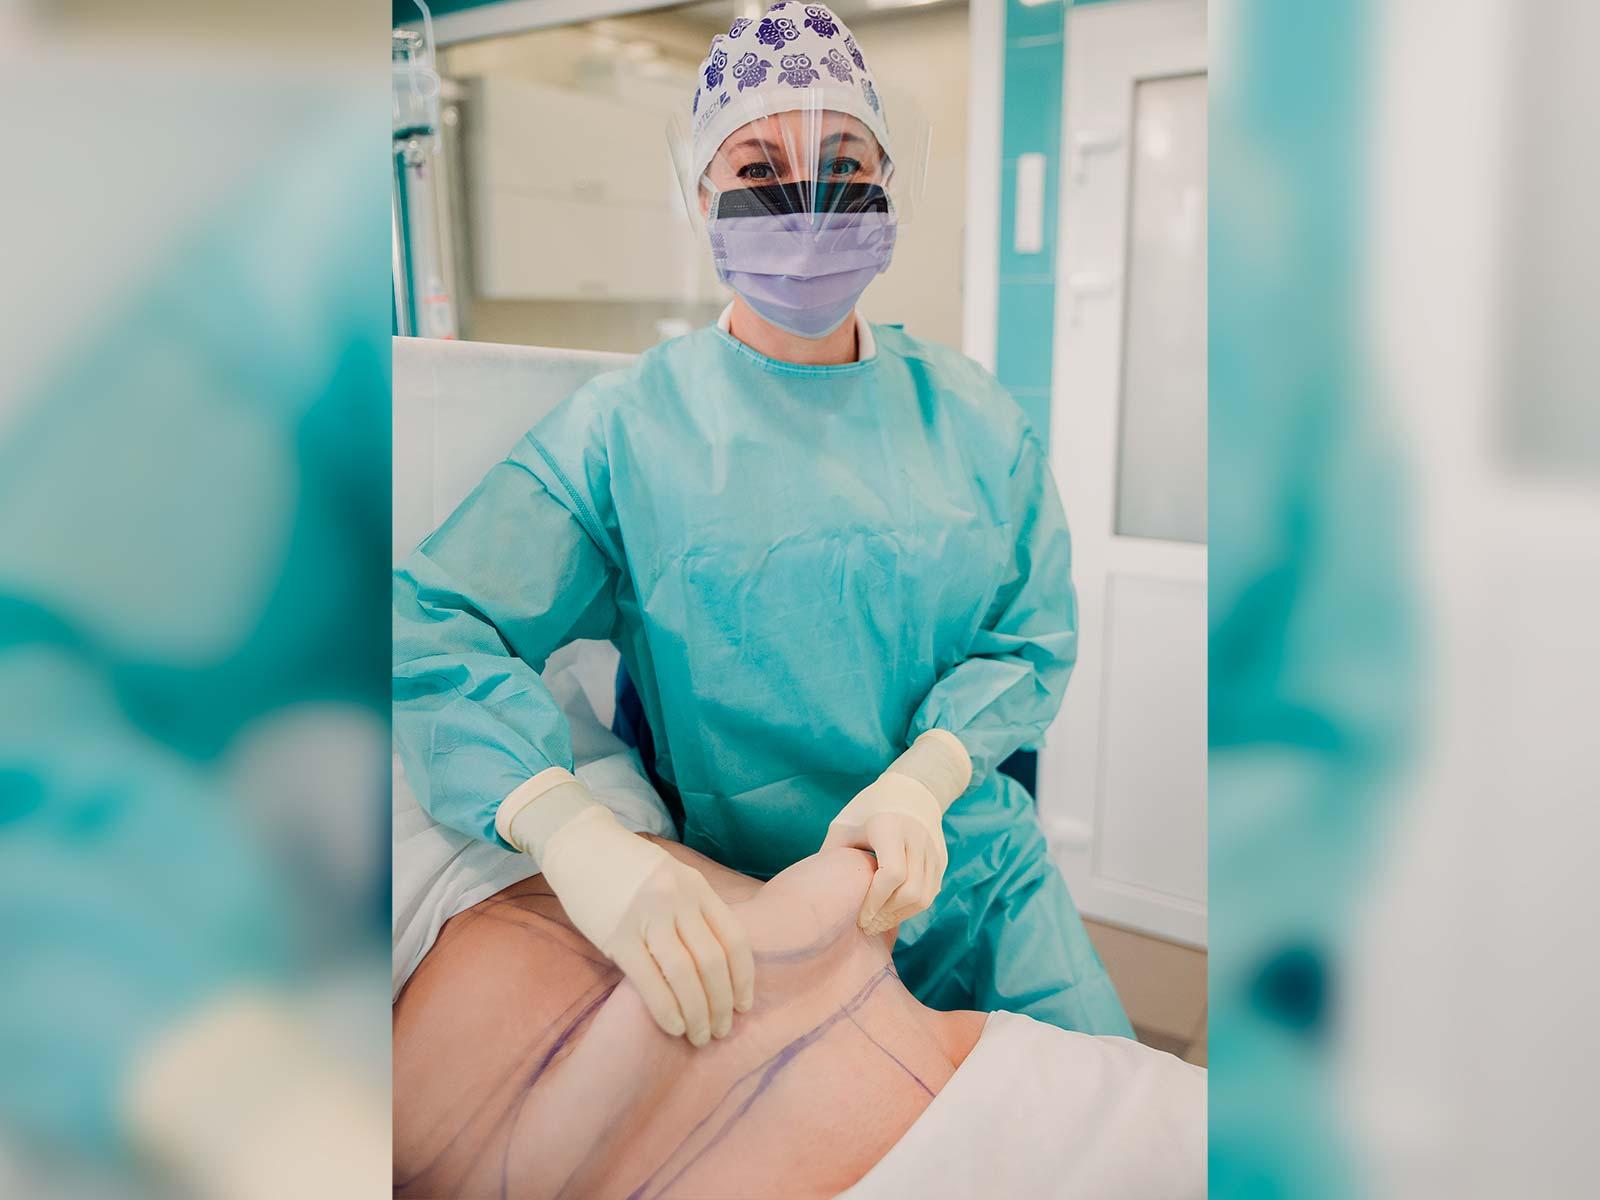 Как проводится абдоминопластика: показания к проведению операции | Блог Светланы Работенко